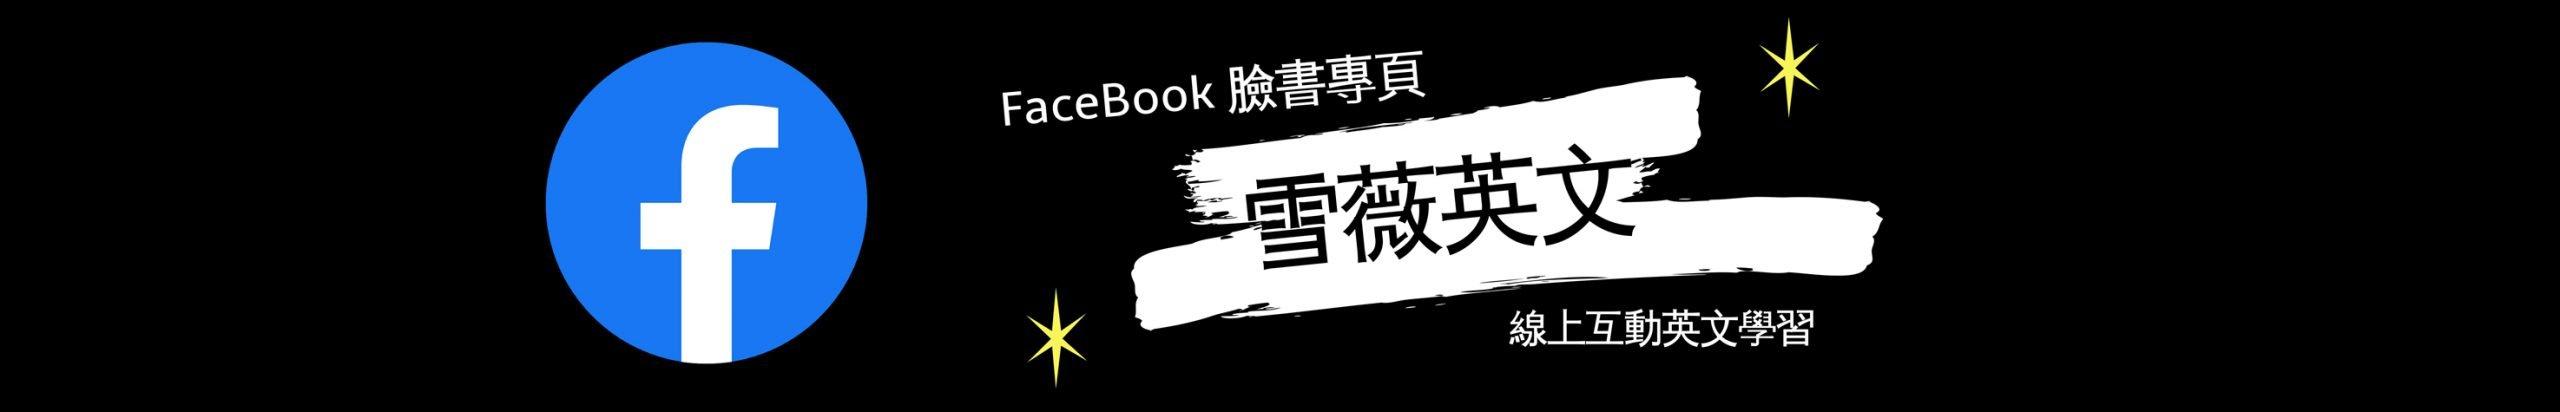 雪薇英文Facebook